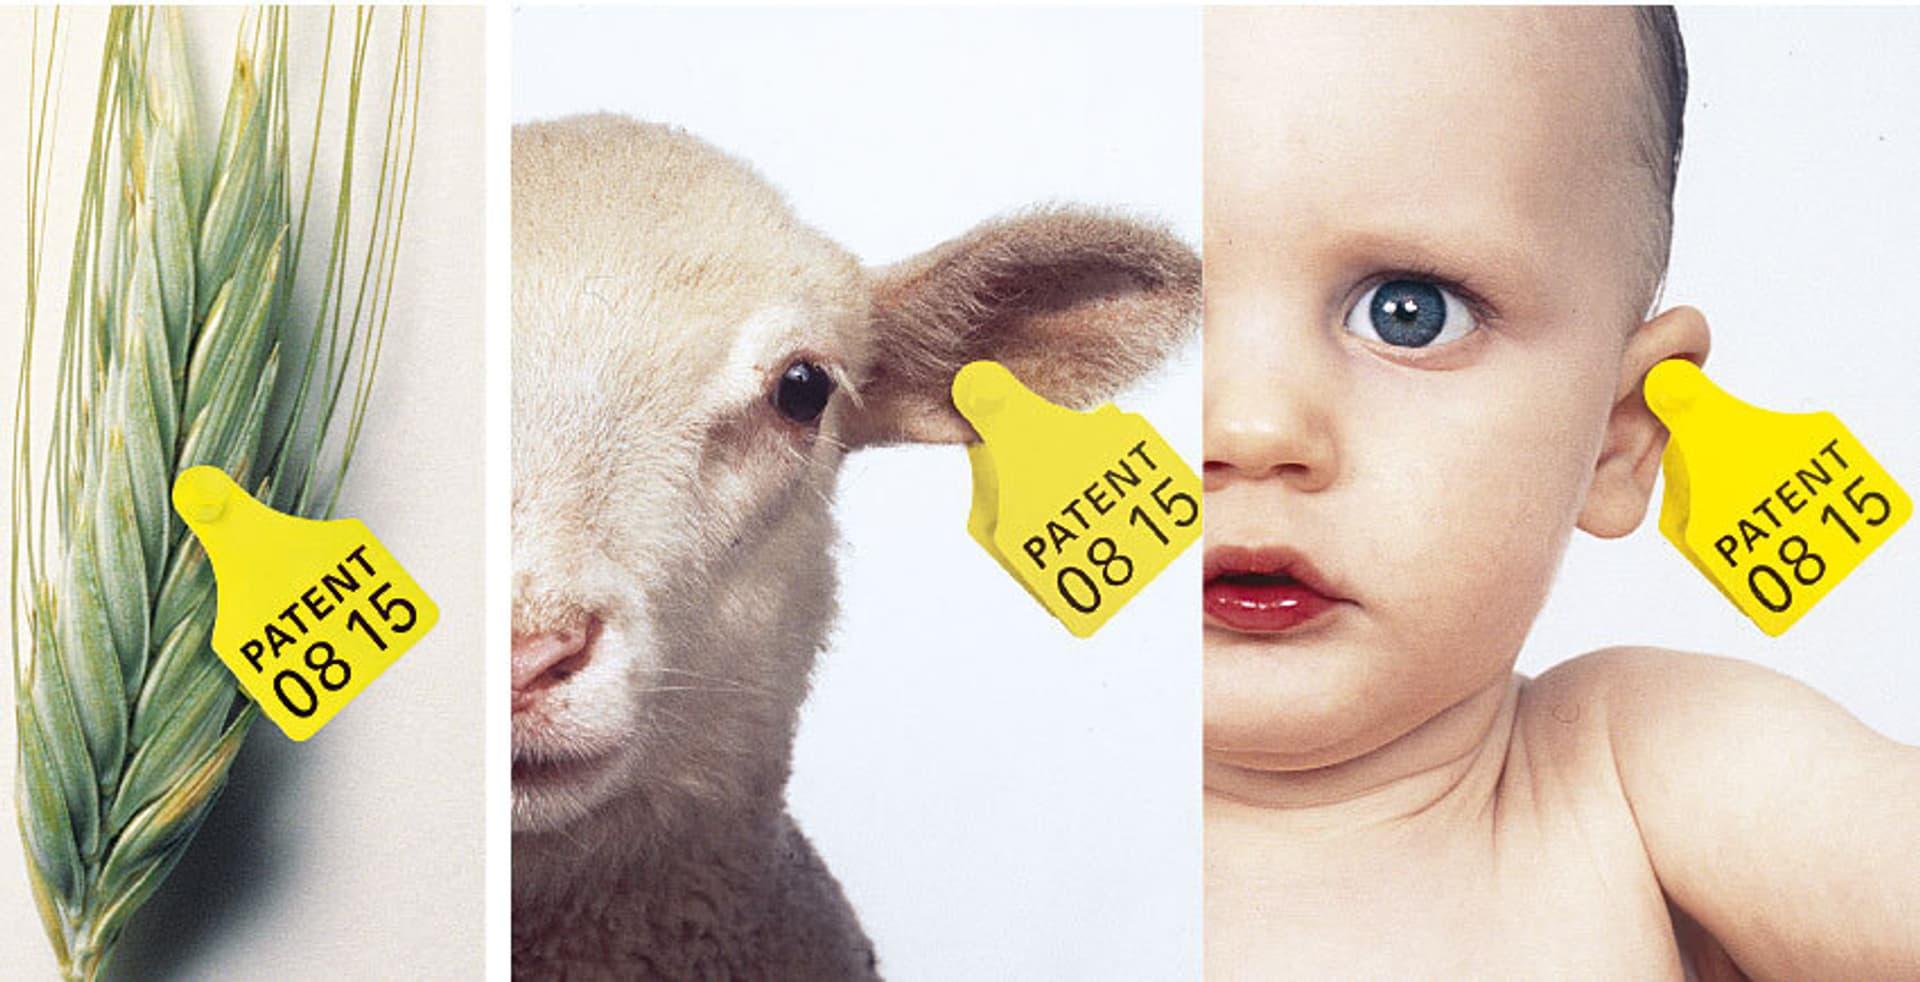 Getreide, Schaf und Mensch mit Ohrmarke auf der Patent 0815 steht